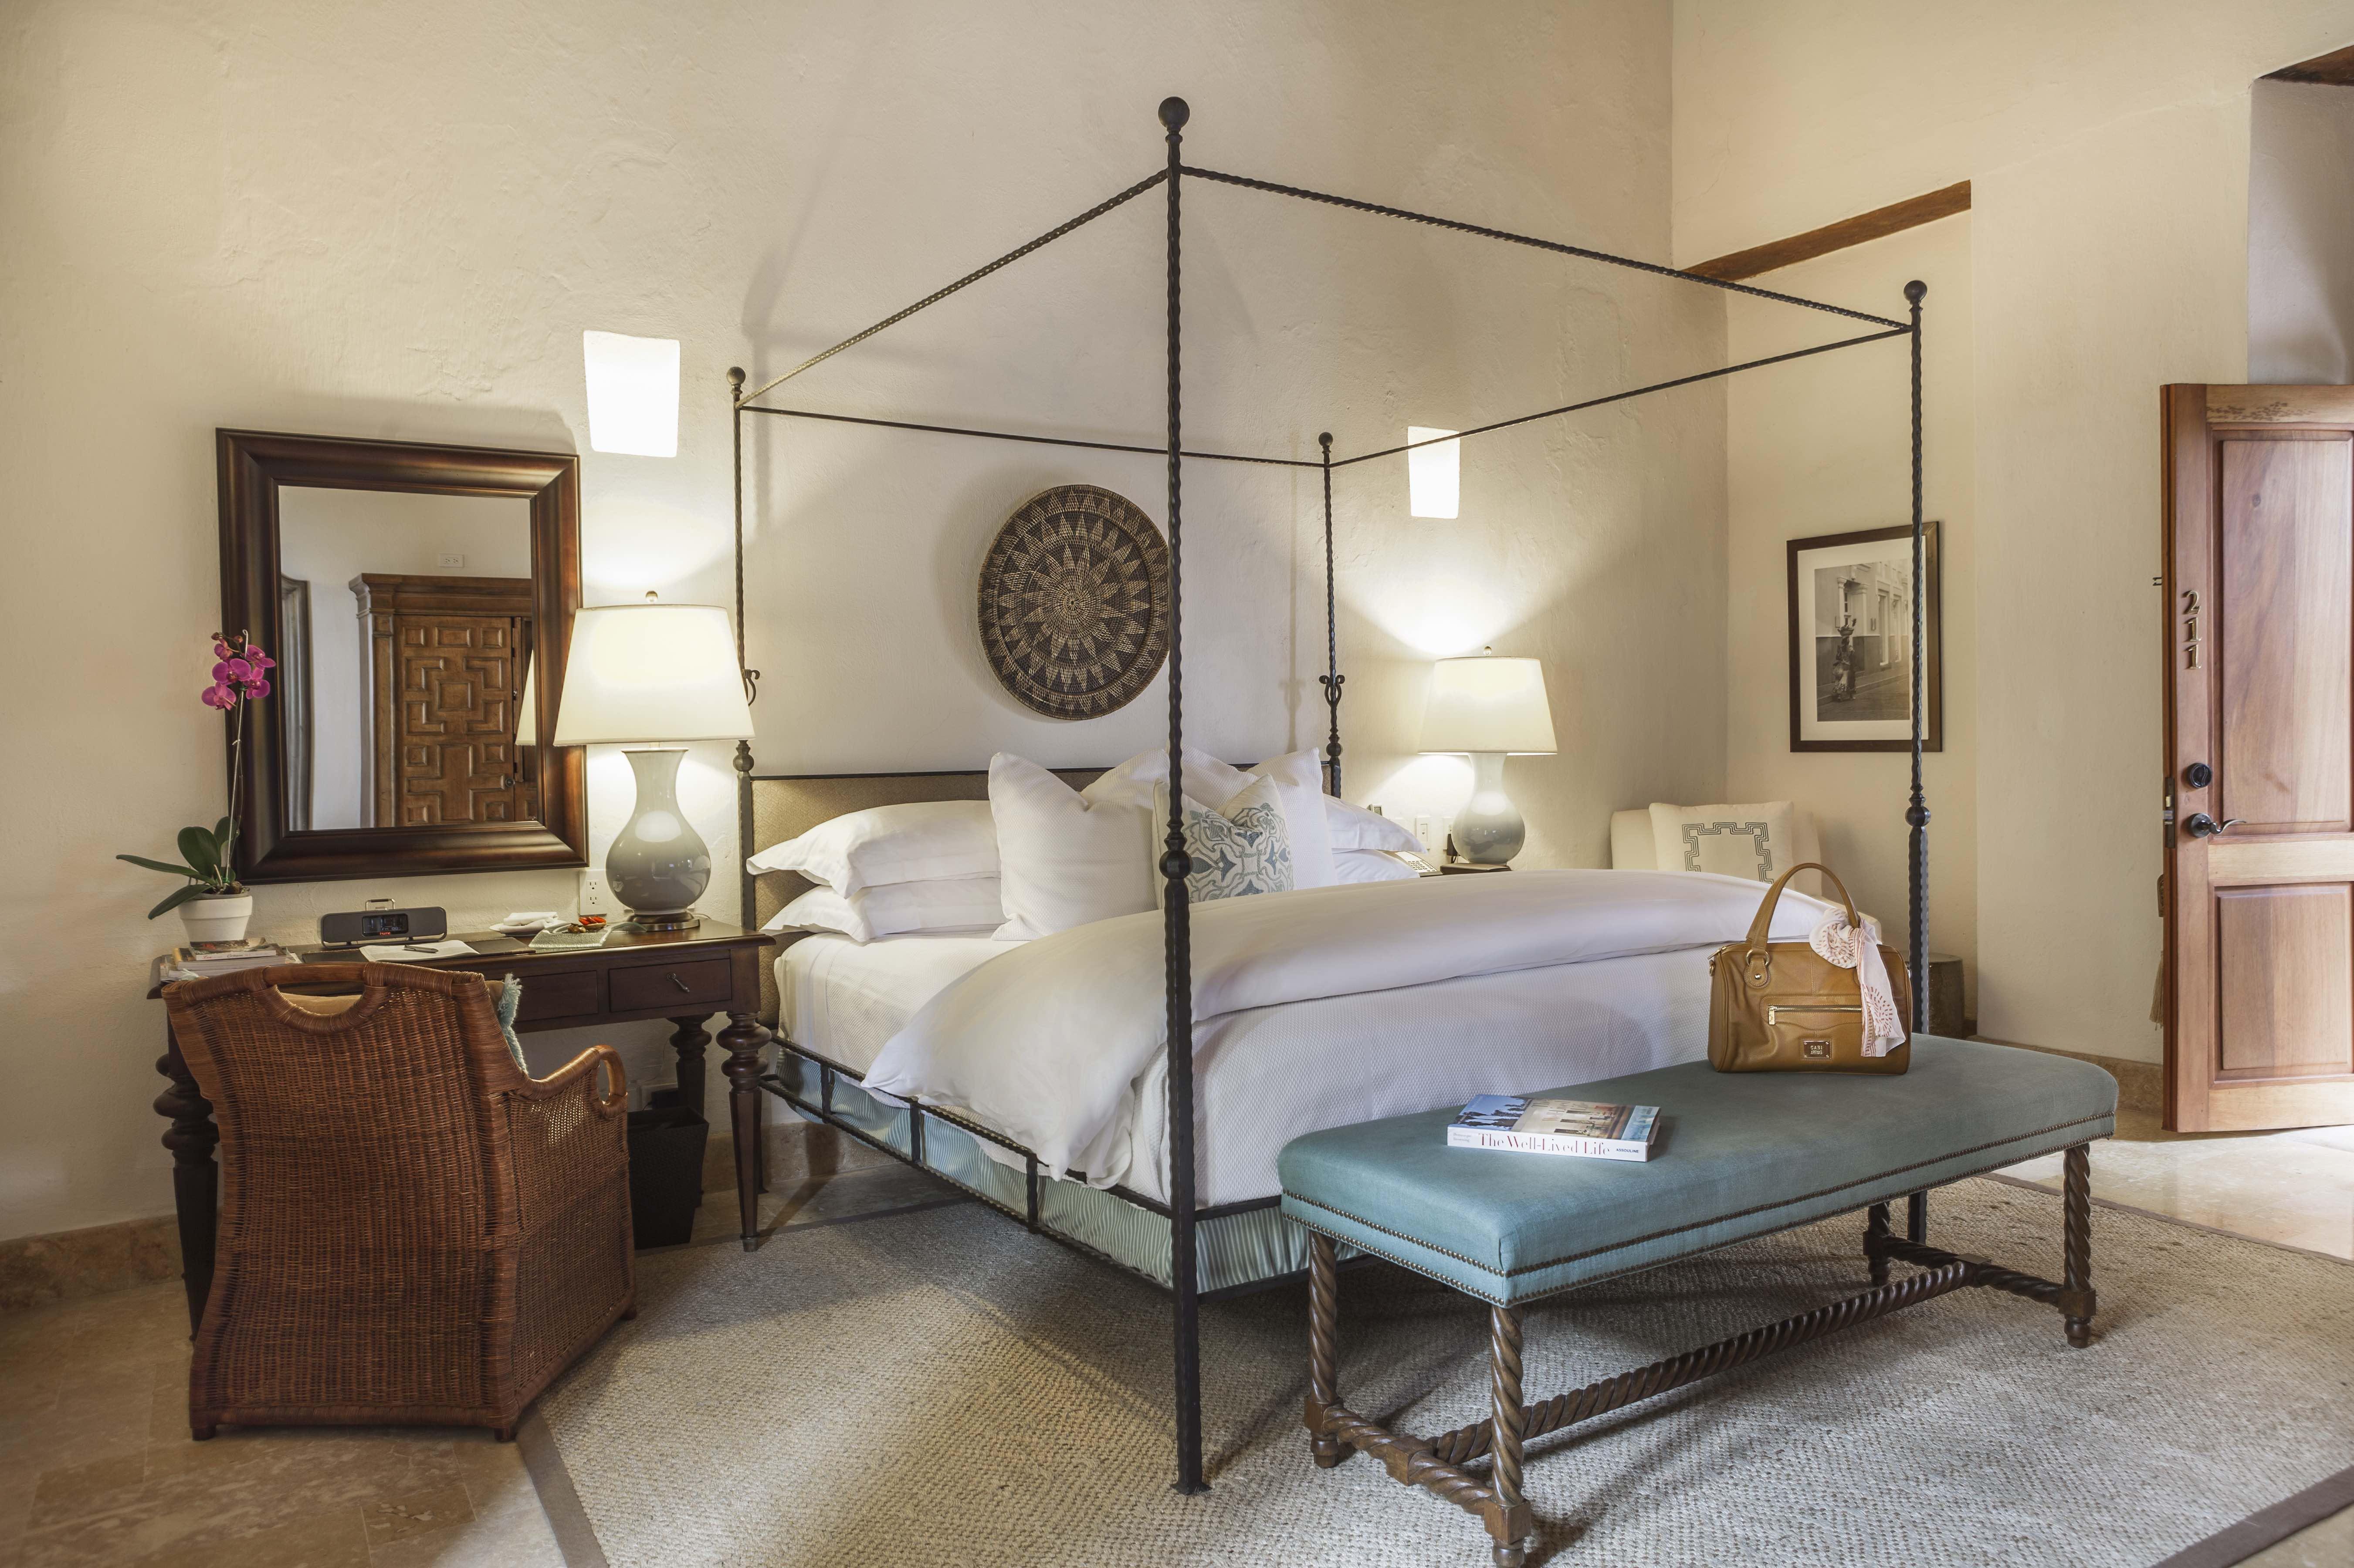 Casa-San-Agustin-Deluxe-Room